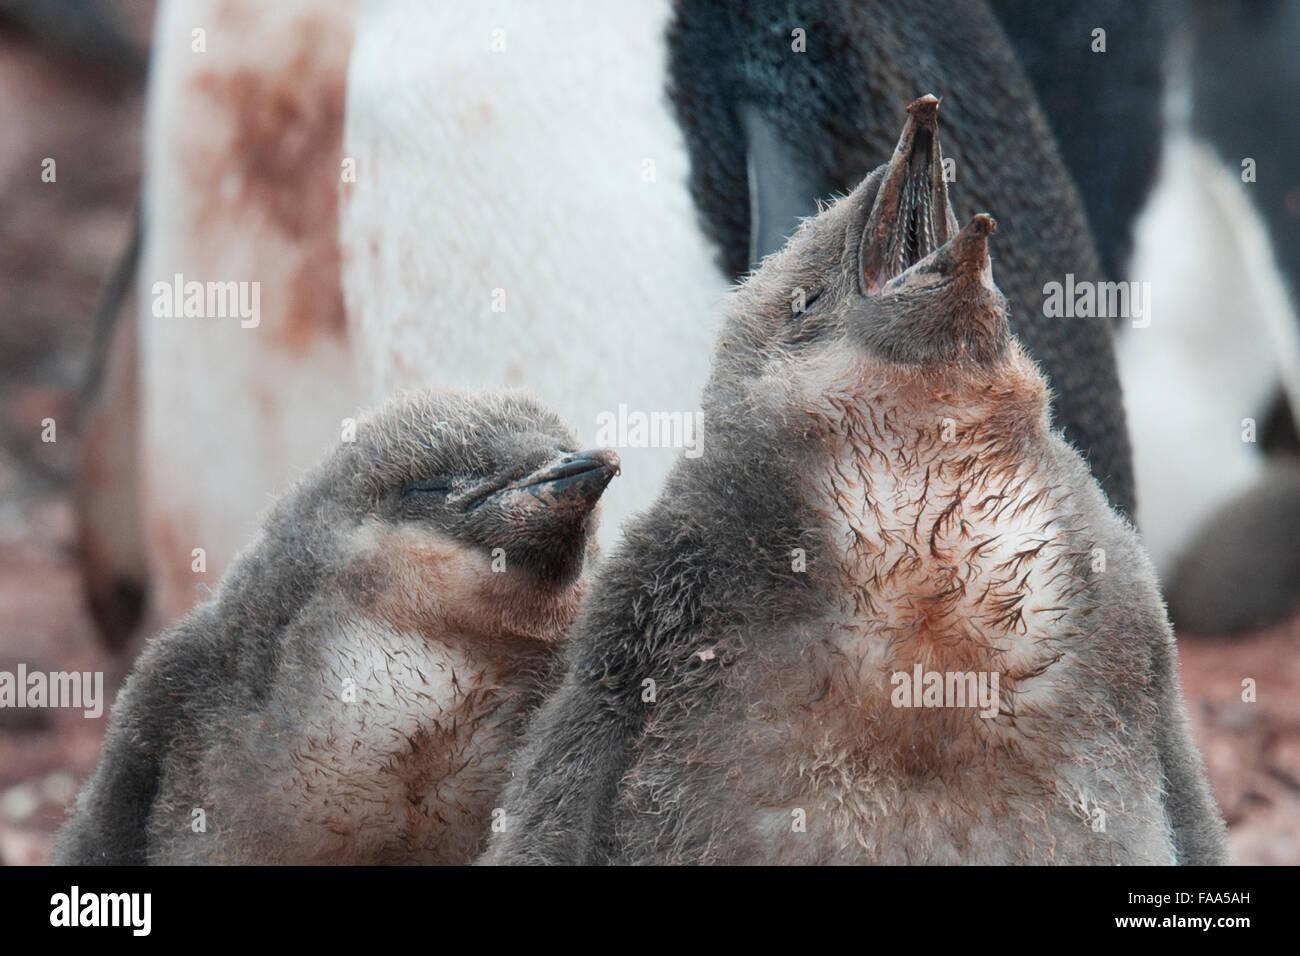 Jugulaire Penguin famille avec deux poussins, (Pygoscelis antarcticus), Hannah Point, péninsule antarctique. Photo Stock